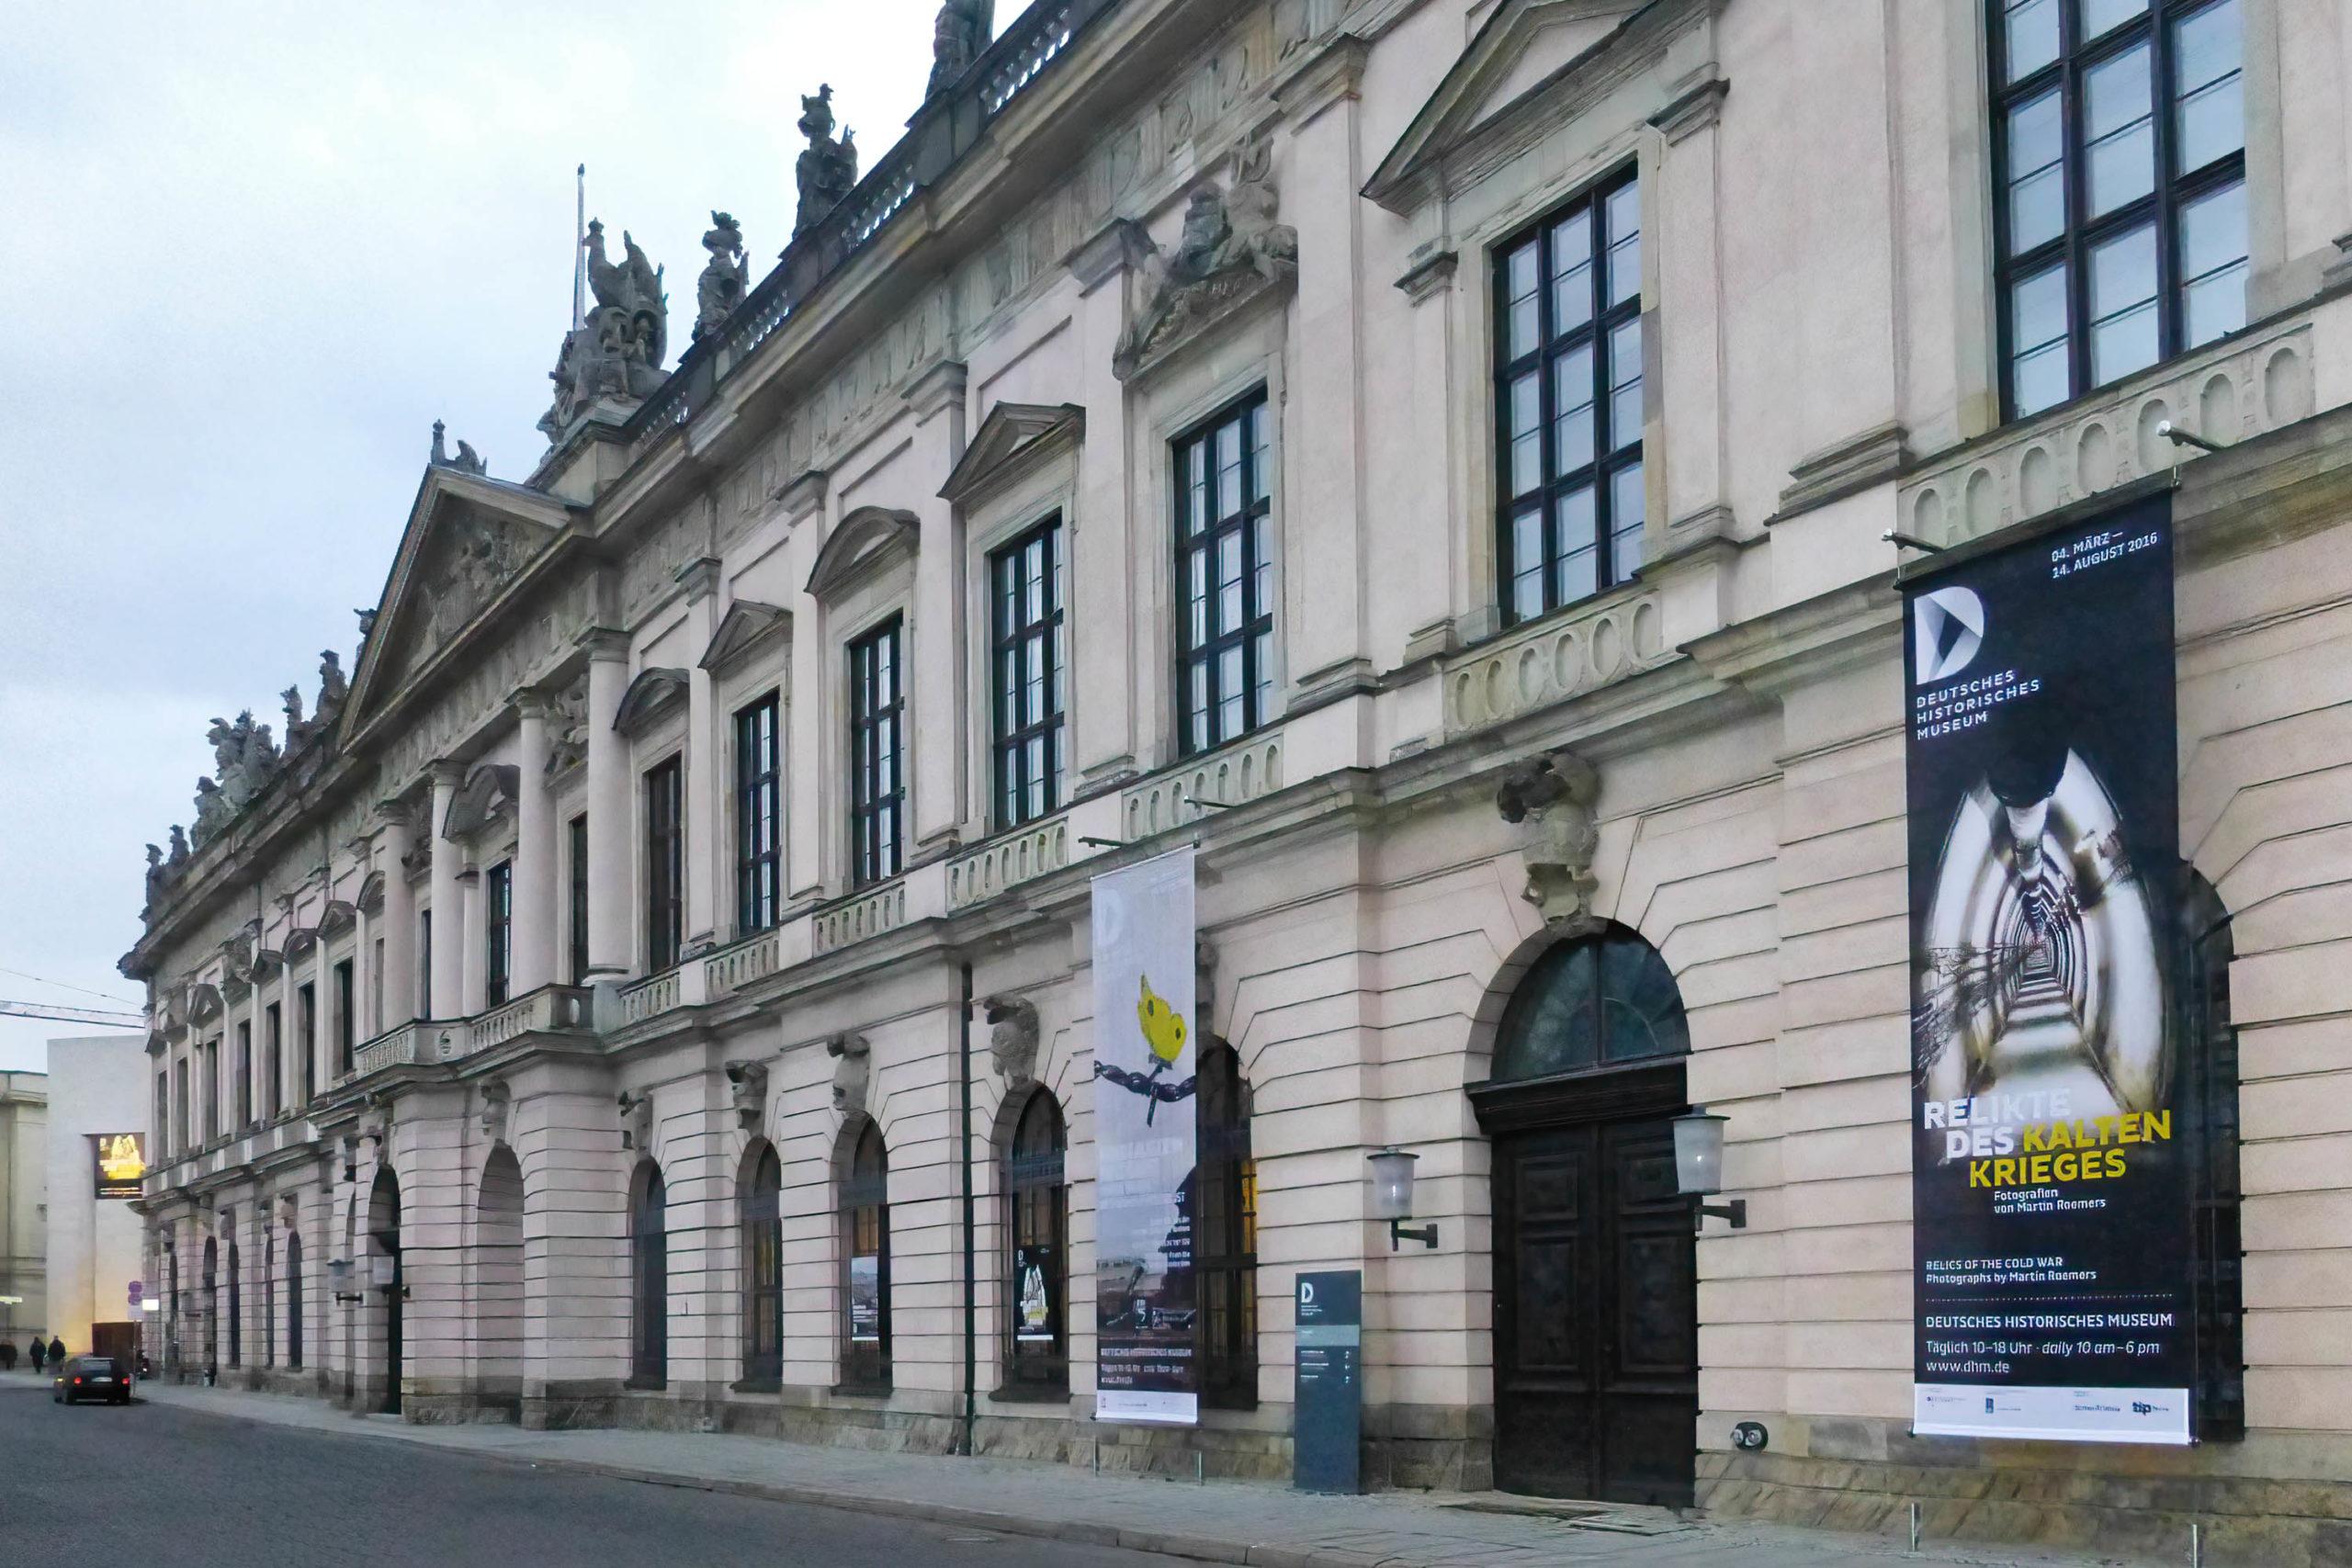 Deutsches Historisches Museum (German Historical Museum), Berlin